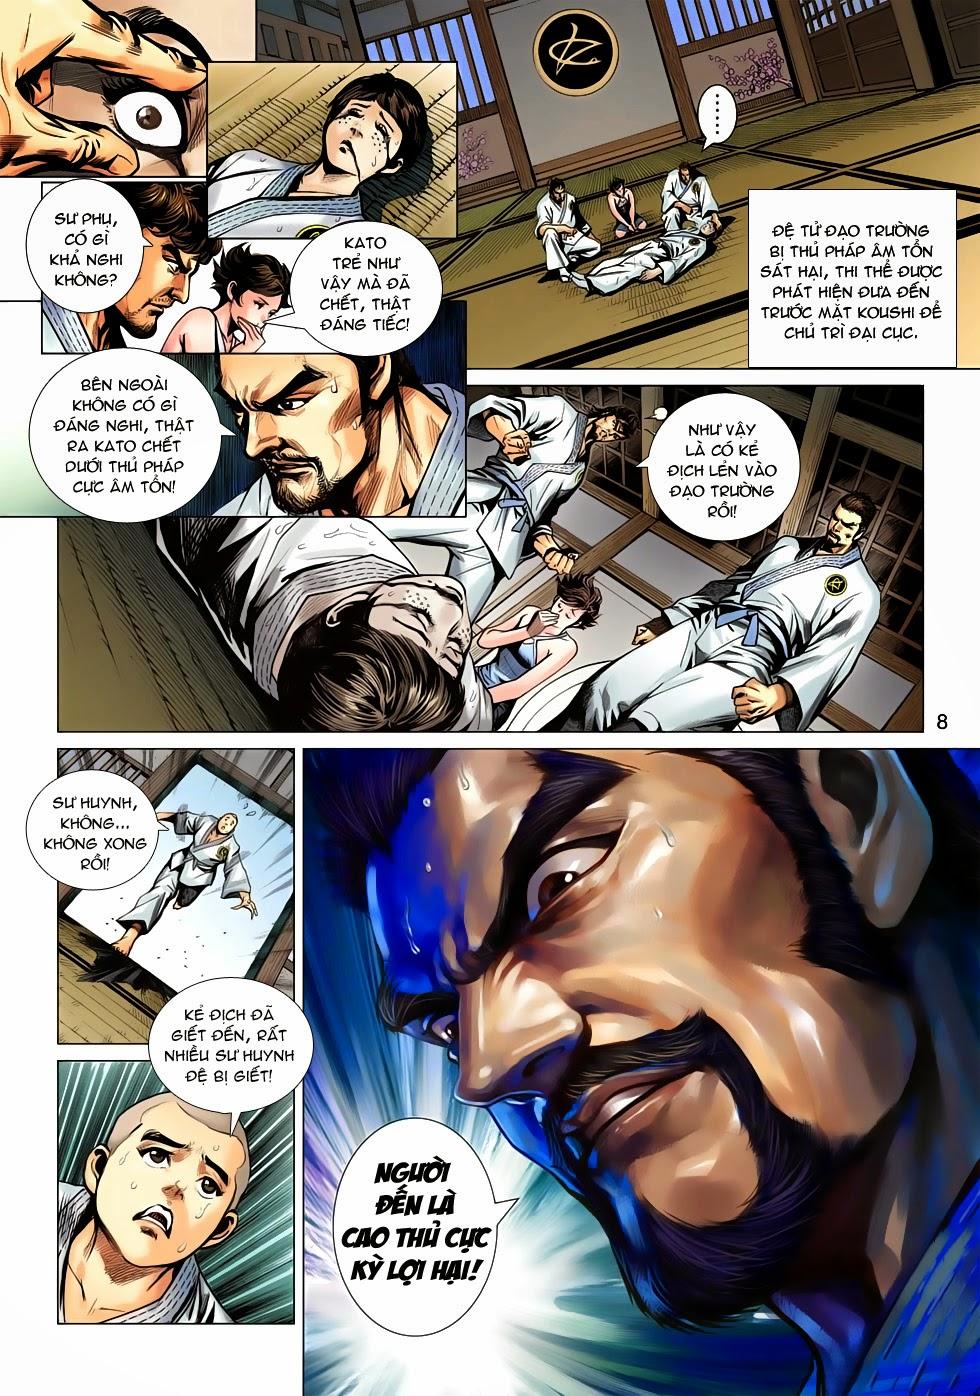 Tân Tác Long Hổ Môn chap 643 - Trang 8